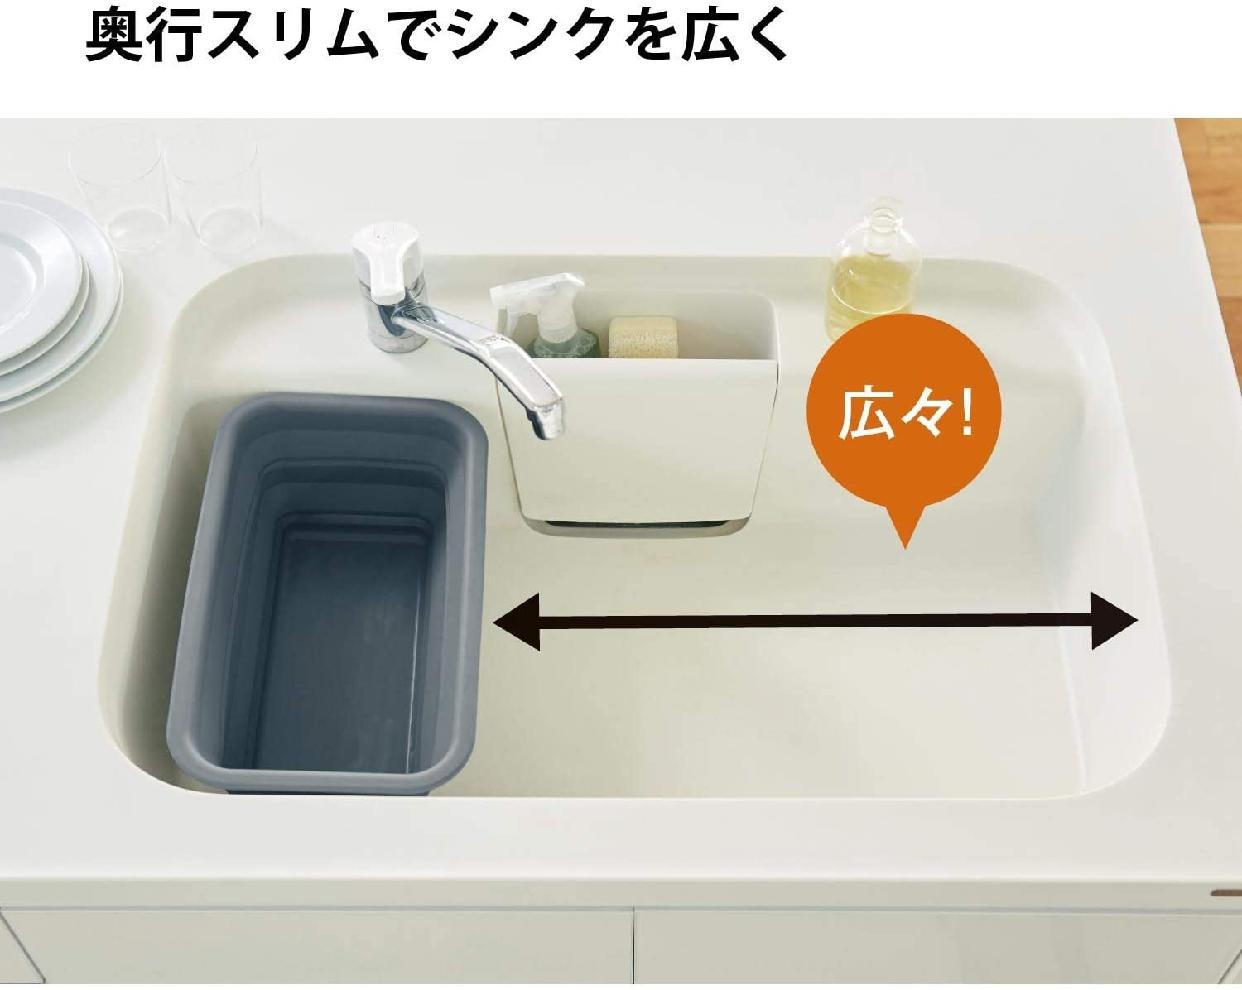 BELL MAISON(ベルメゾン) ステンレス芯材入りの折りたためるシリコーンゴム製スリム洗い桶 グレーの商品画像3